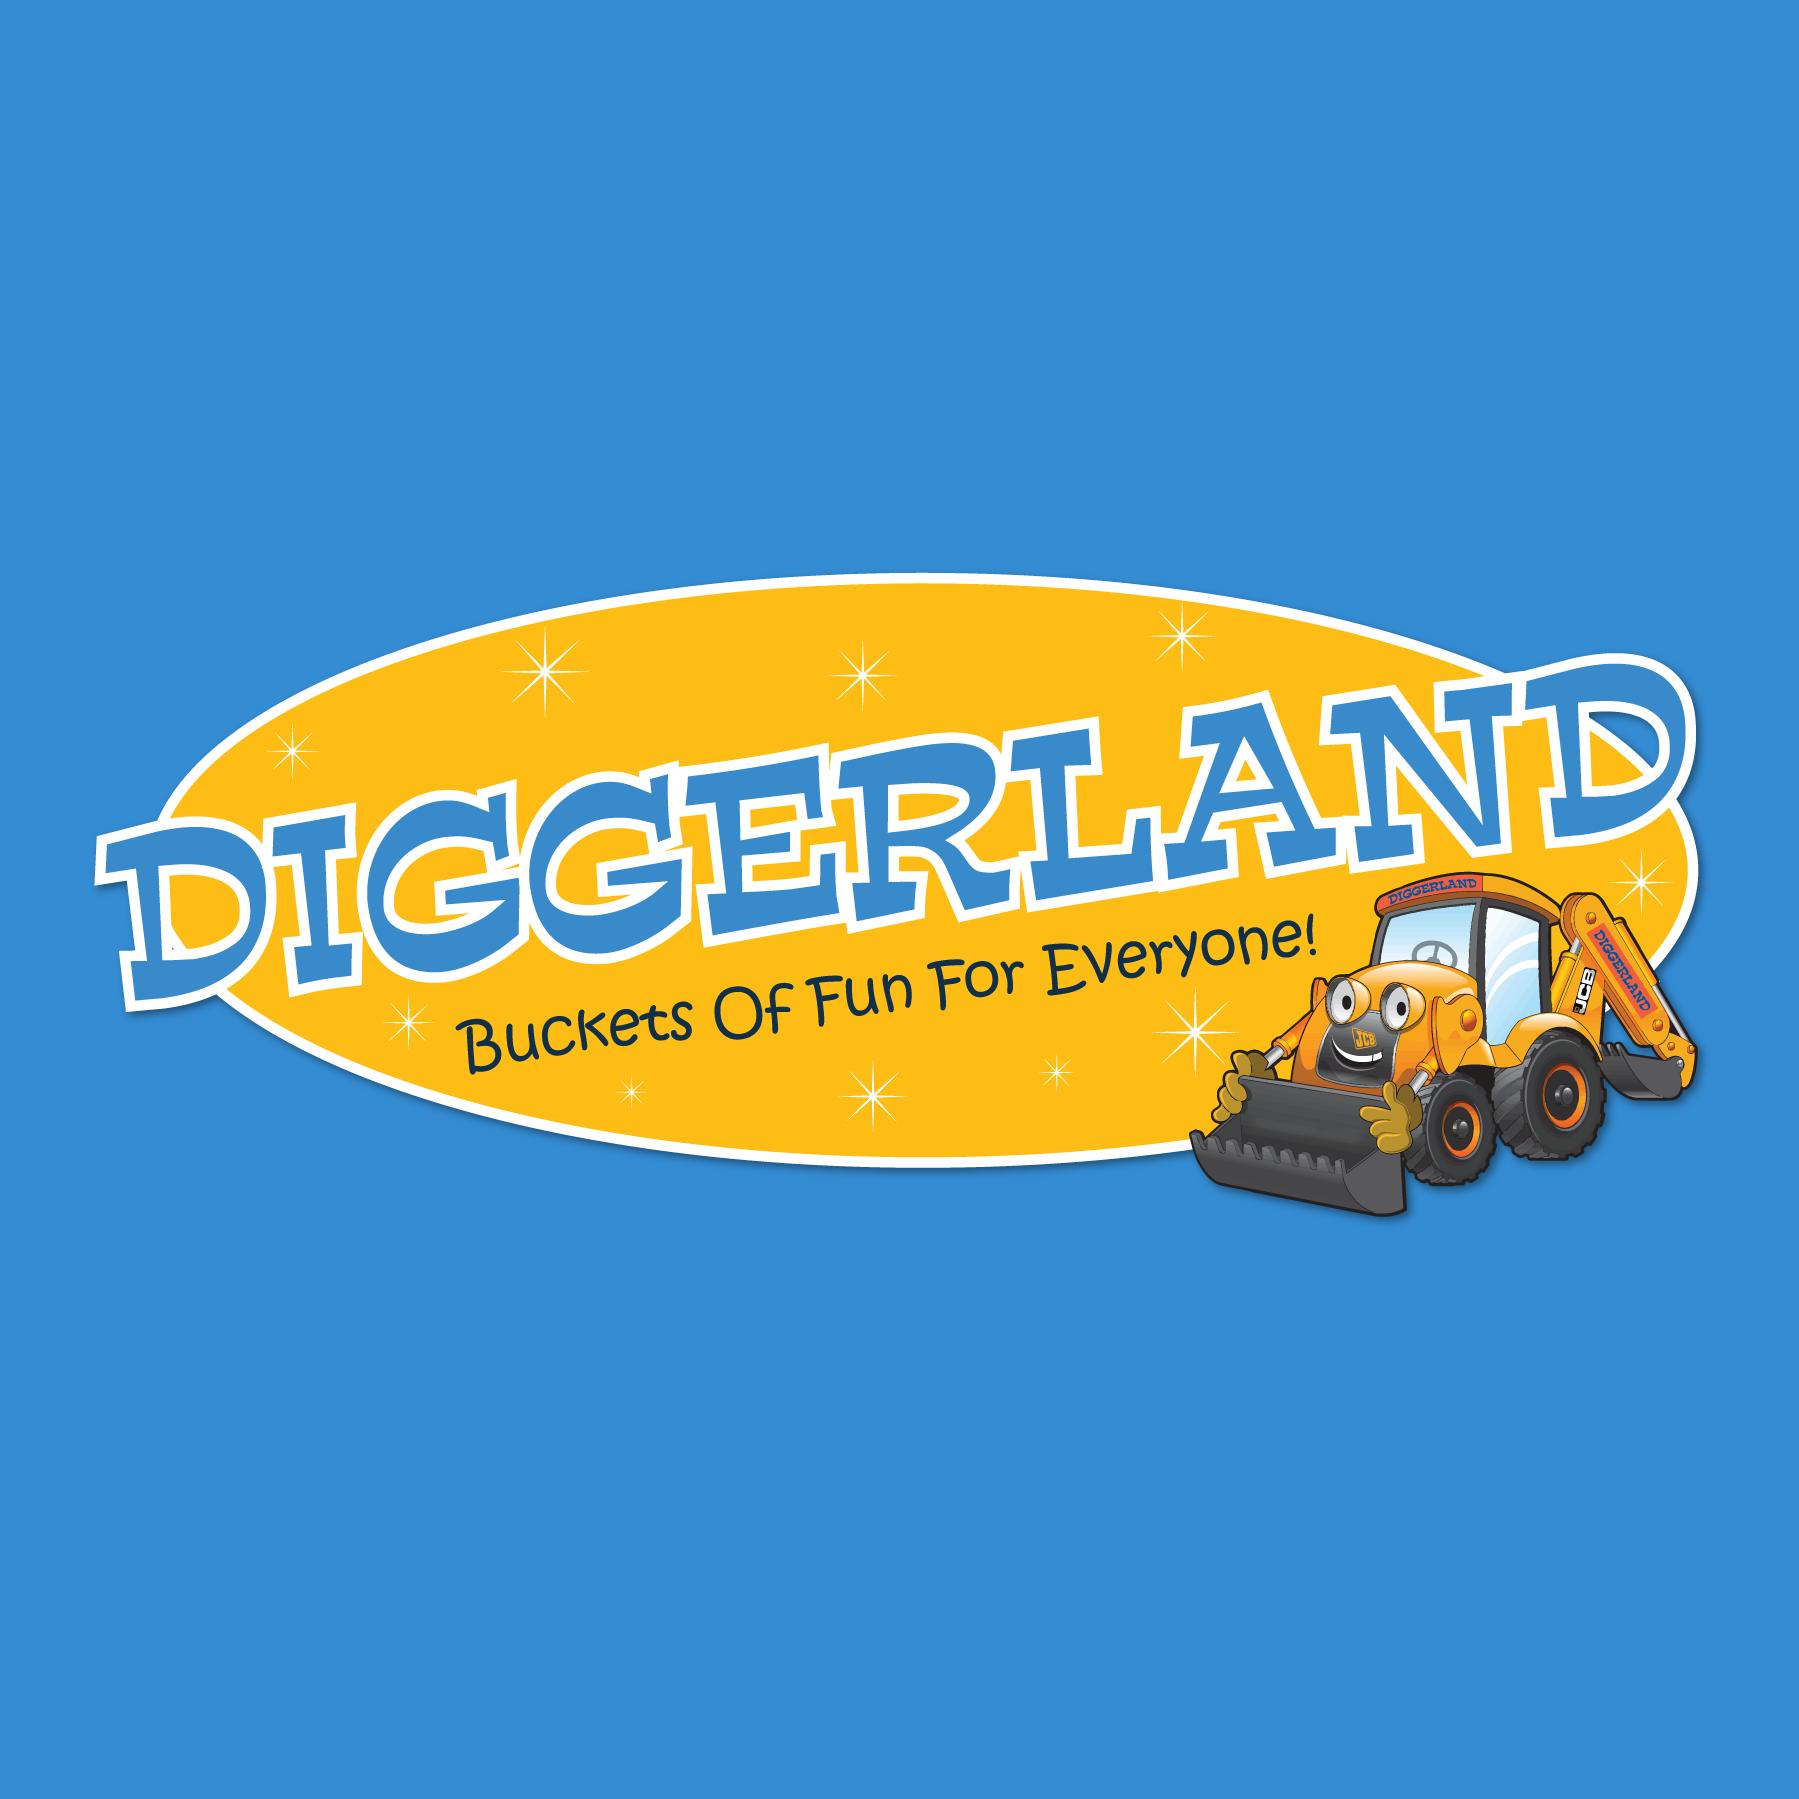 Diggerland's logo